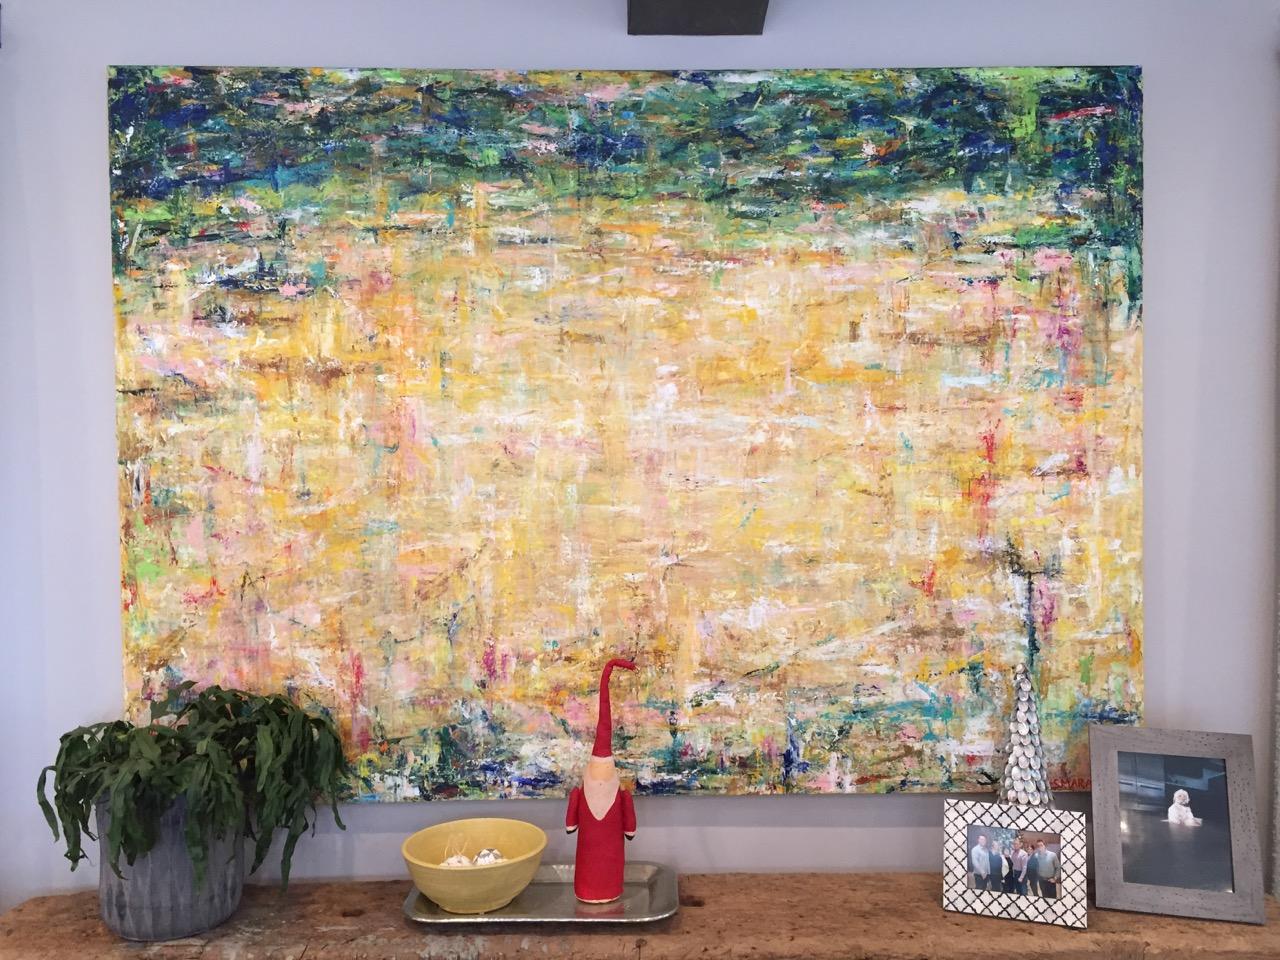 """Spain, 64 x 80"""", acrylic on canvas, 2015"""